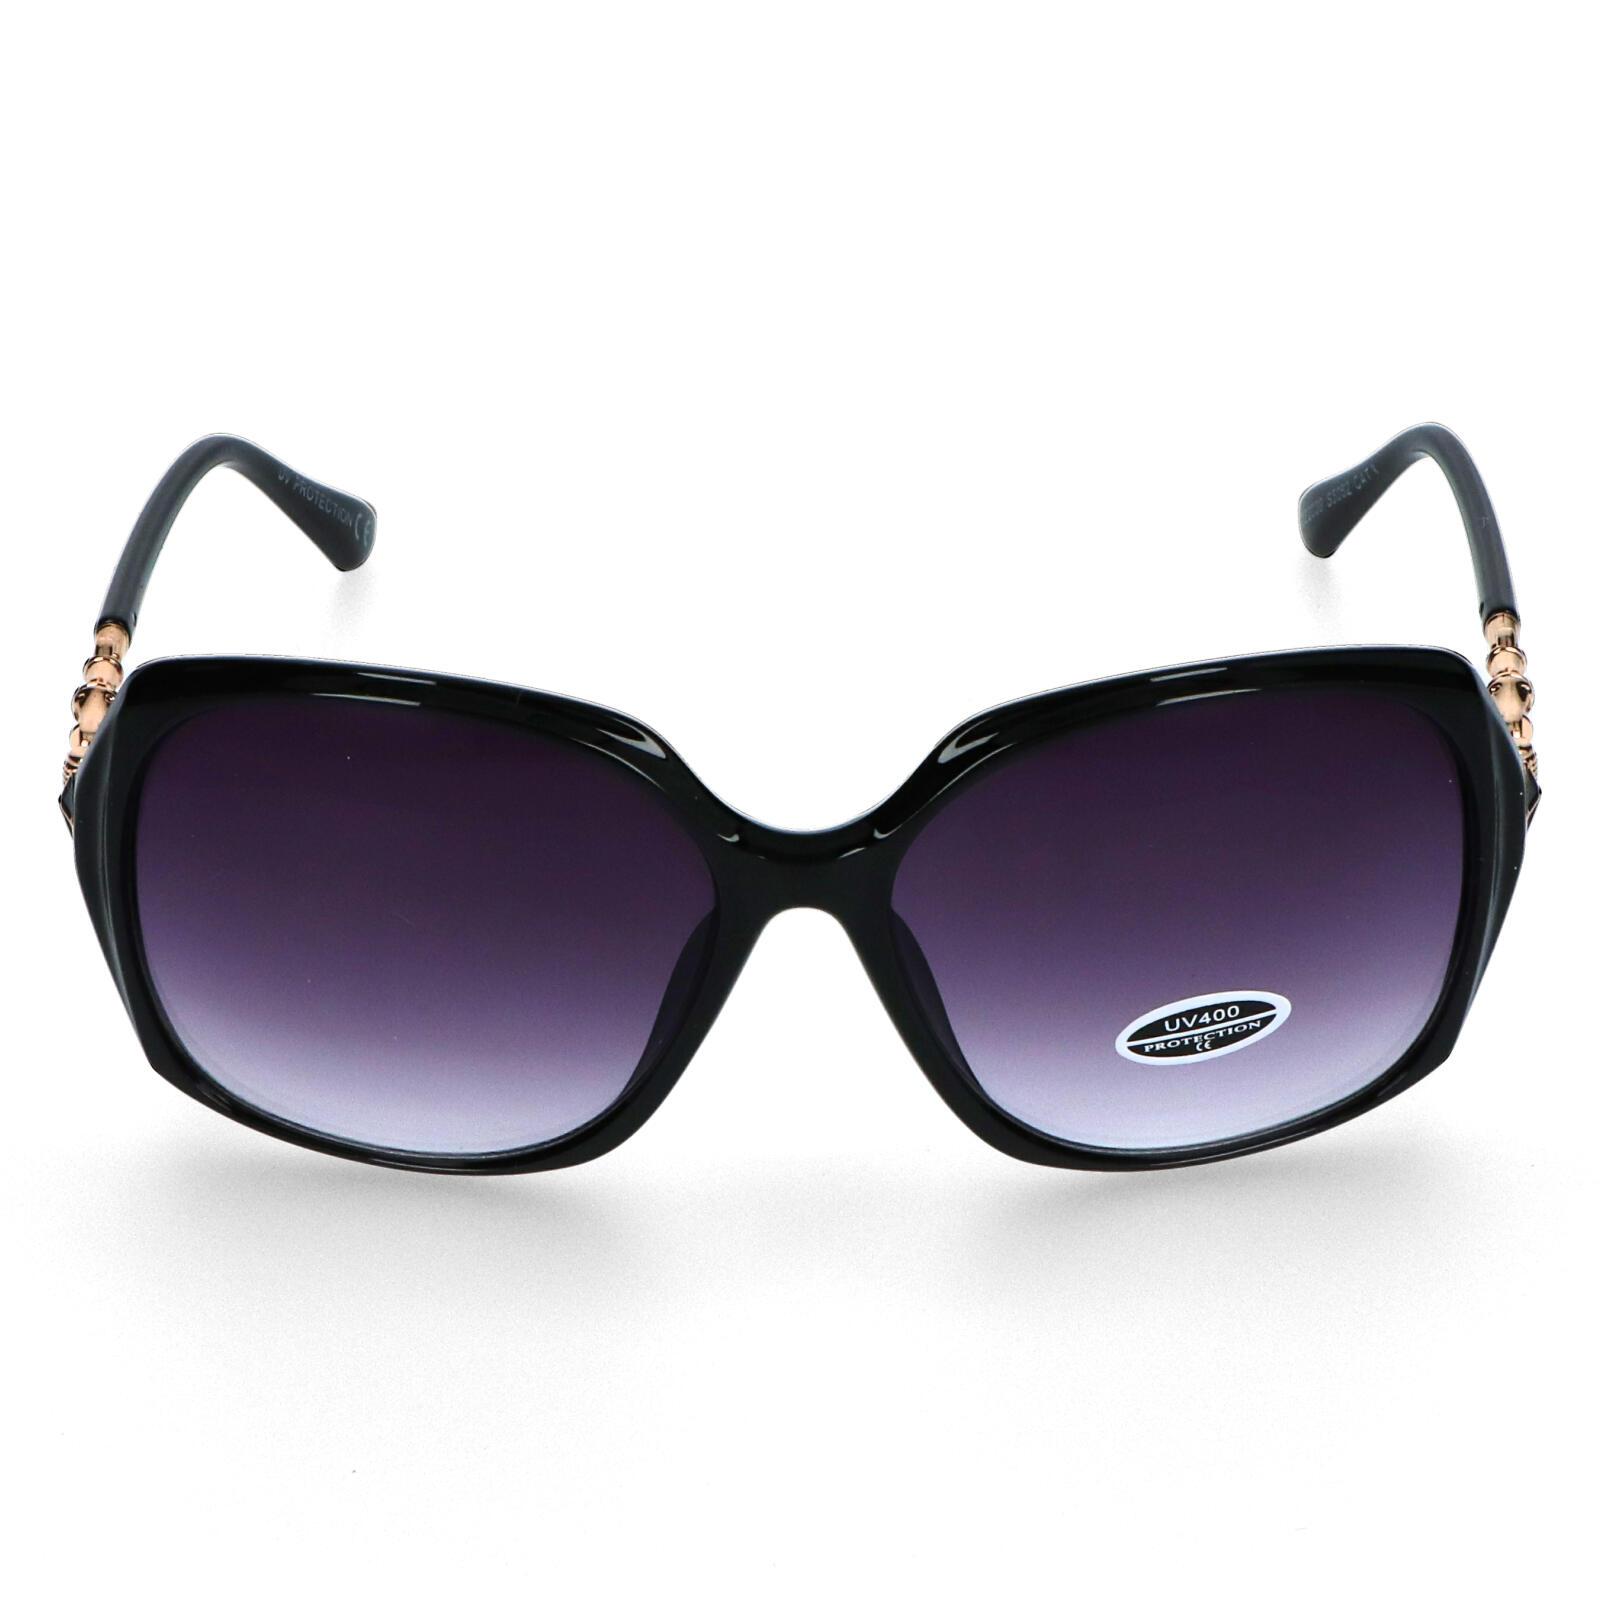 Dámske slnečné okuliare čierne - S2605